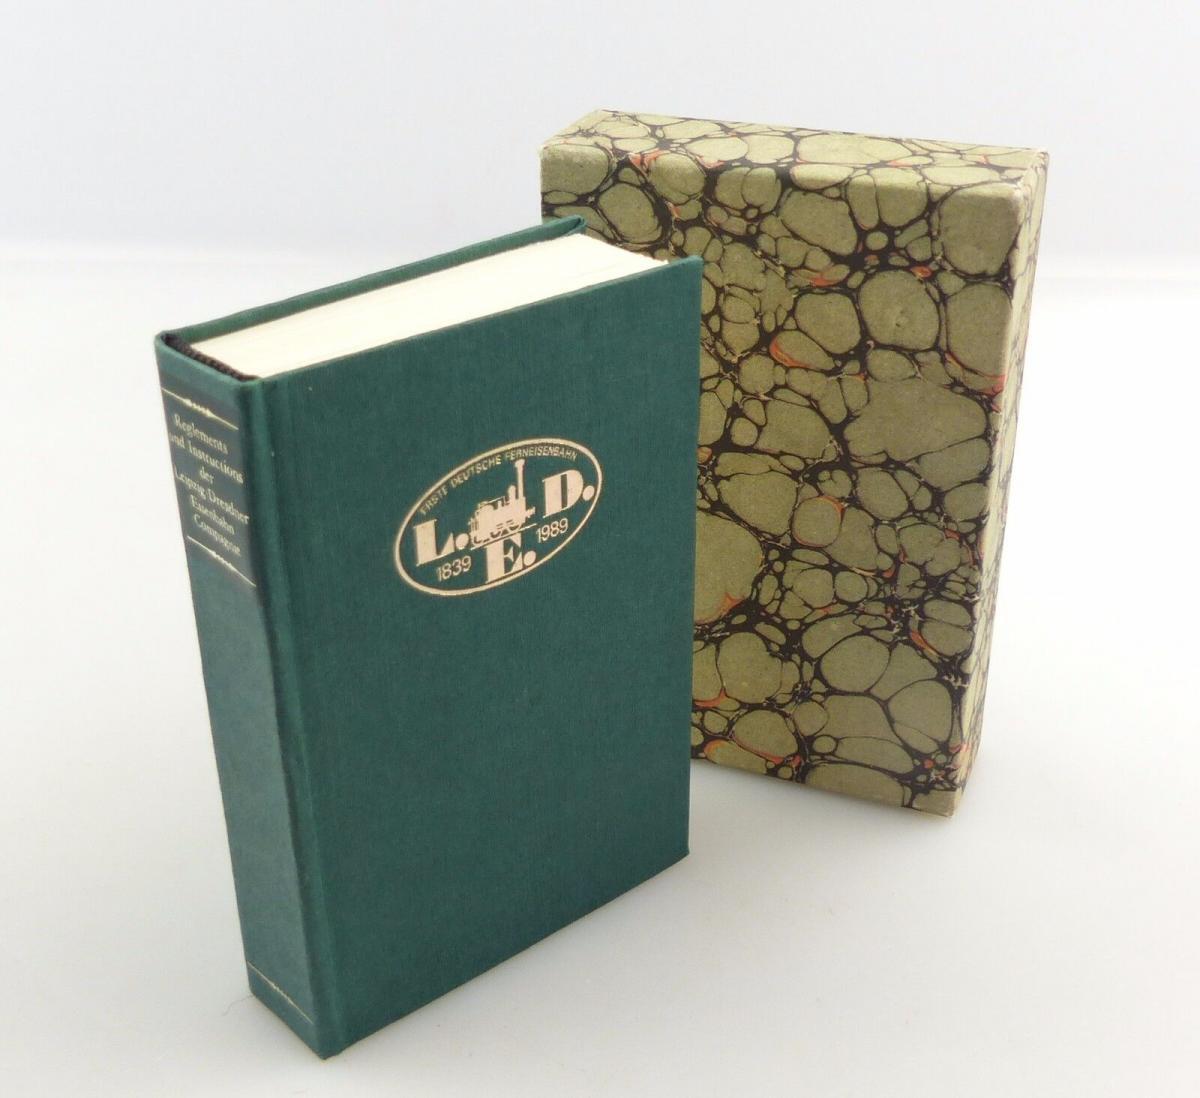 #e8240 Minibuch: Reglements und Instructions der Leipzig-Dresdner Eisenbahn Com.